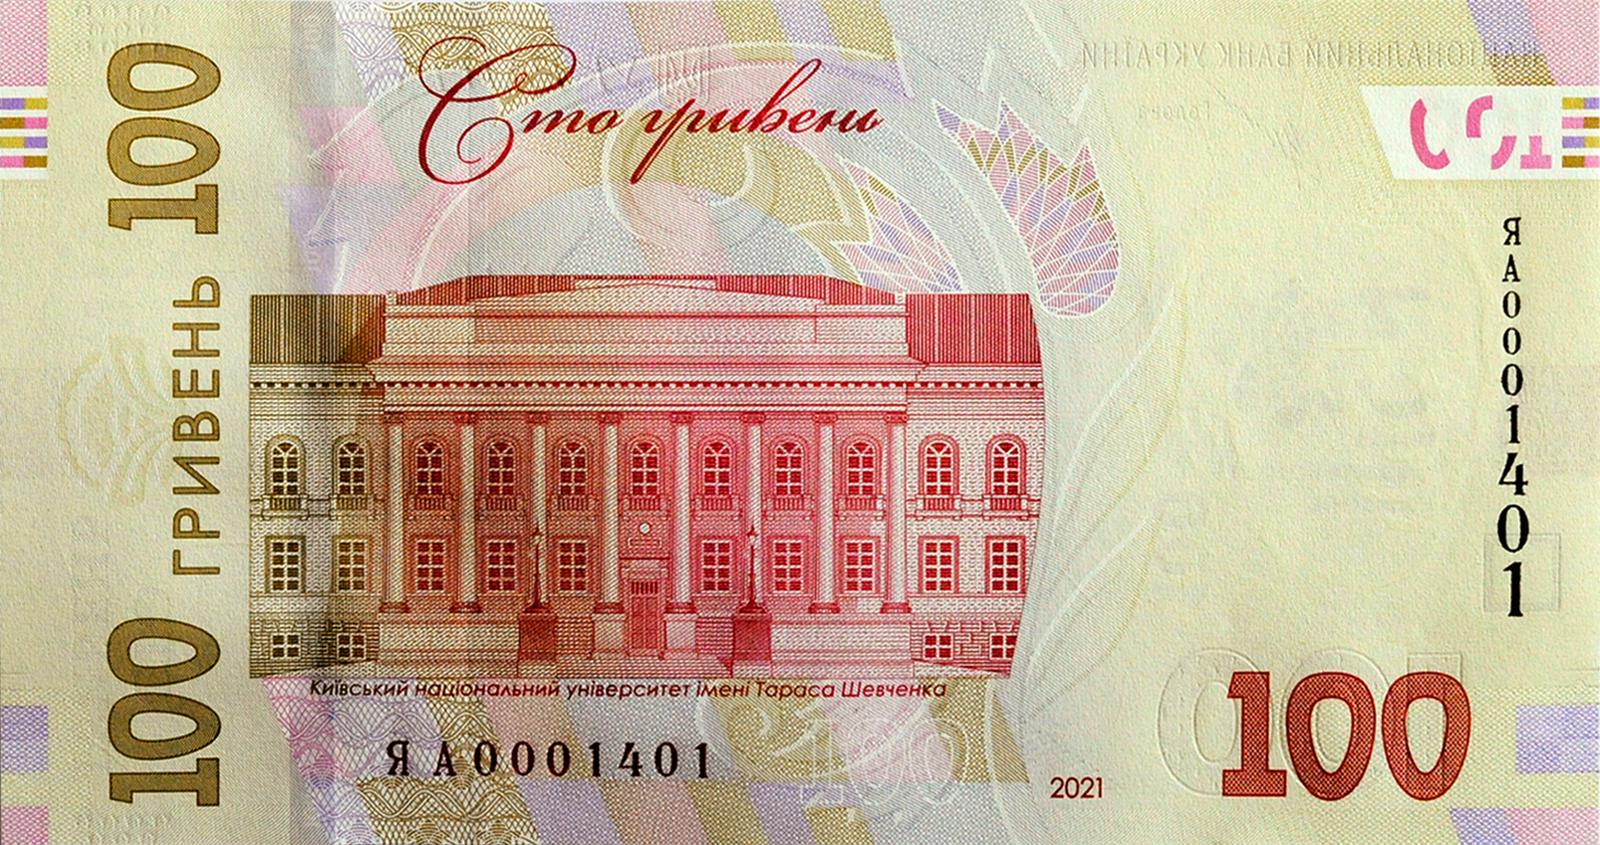 Нацбанк меняет дизайн гривен: смотрите, как будут выглядеть новые банкноты